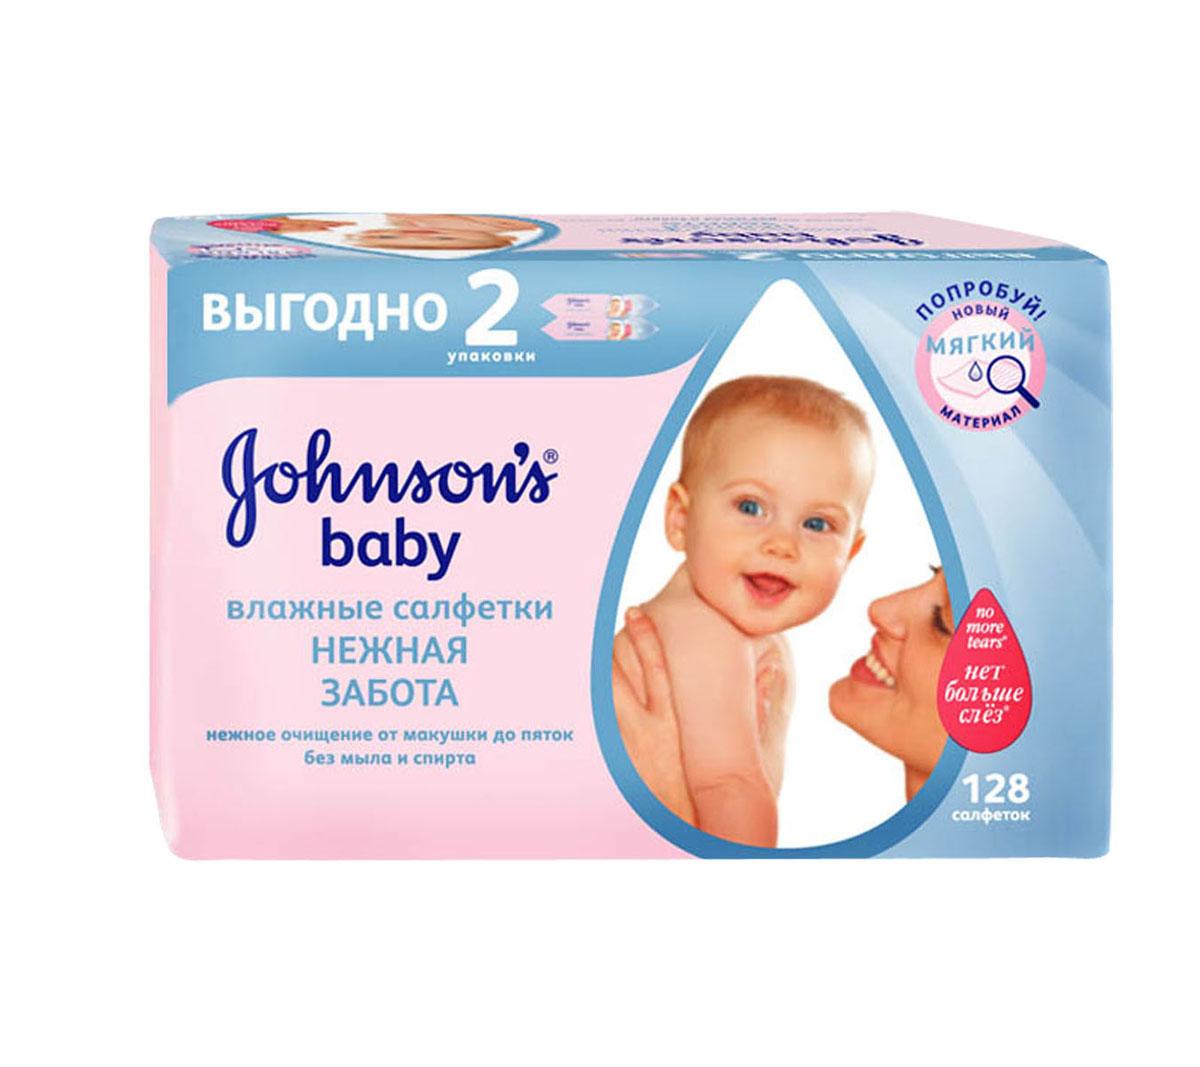 Салфетки Johnsons baby Нежная забота, 128 шт53685, 03014218Влажные салфетки Johnsons baby Нежная забота созданы специально для ухода и нежного очищения детской кожи. Они очищают детскую кожу настолько деликатно, что их можно использовать даже для чувствительной области вокруг глаз. Салфетки пропитаны очищающим детским лосьоном, на 97% состоящим из чистейшей воды, и содержат ингредиенты натурального происхождения. Гипоаллергенны. Подходят для новорожденных. Все свойства детских салфеток Johnsons baby, их гипоаллергенность подтверждены клиническими испытаниями, поэтому этой продукцией пользуются в родильных домах и дома с первых дней жизни малышей! Детские салфетки Johnsons baby помогут сохранить кожу малыша здоровой и сделают уход за ней приятным и эффективным. Характеристики: Количество салфеток: 128 шт. Размер упаковки: 21 см х 12 см х 11 см. Производитель: Италия. Товар сертифицирован.